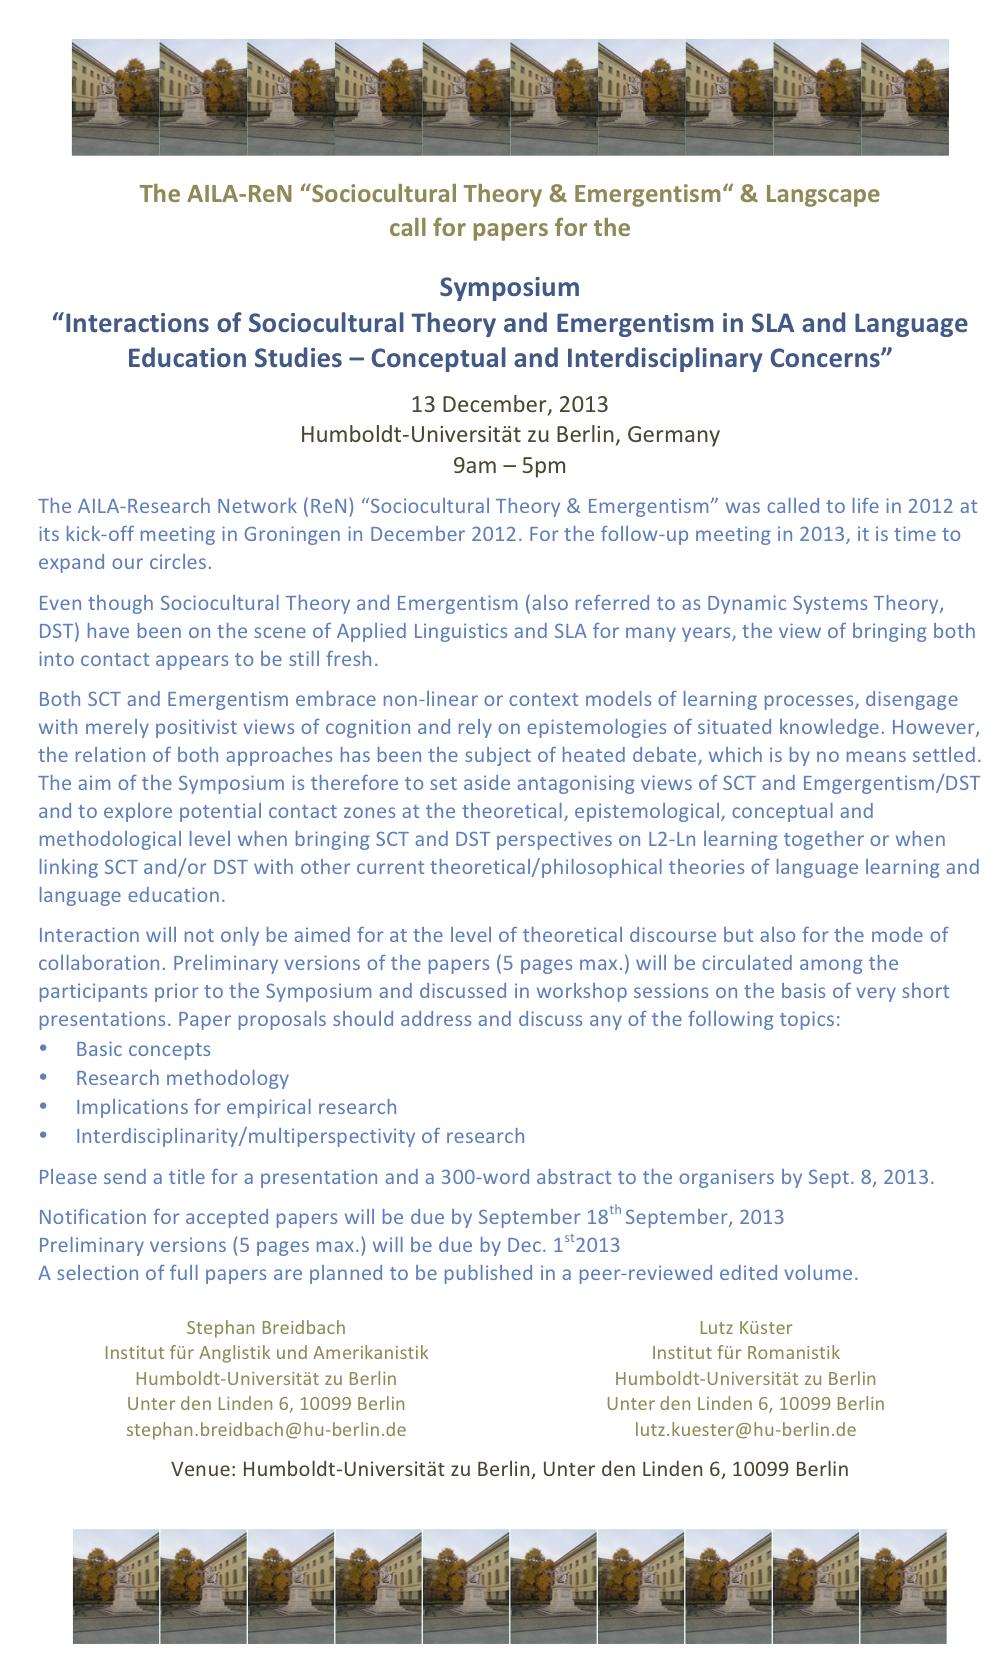 CfP - Symposium 2013